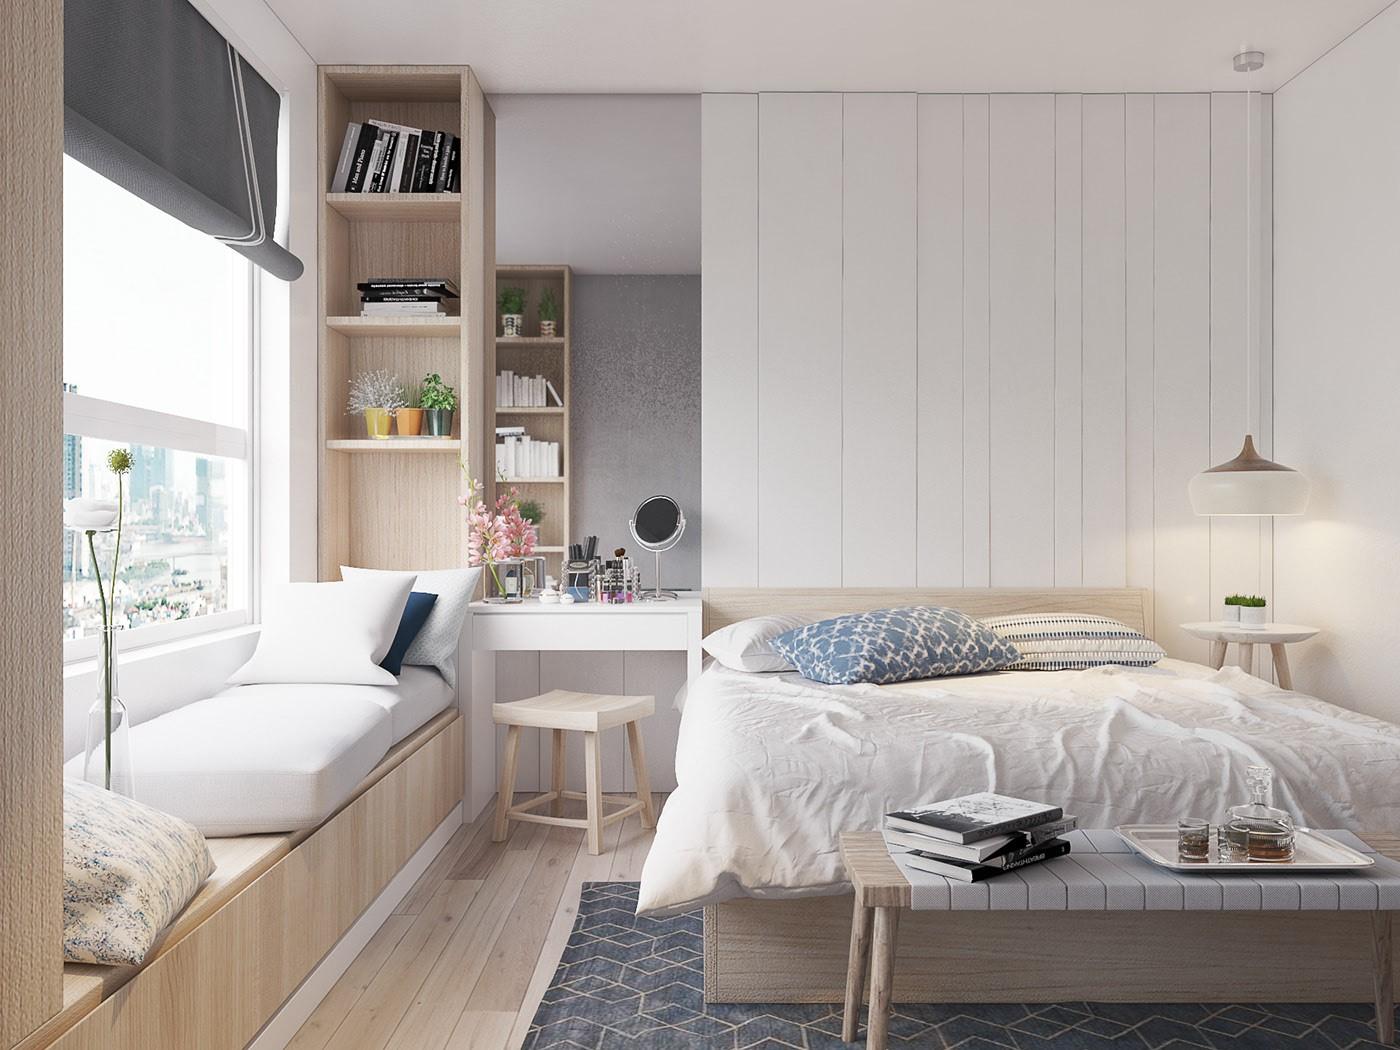 8 lưu ý khi bố trí giường ngủ để sức khỏe dồi dào, gia đình hòa thuận - Ảnh 3.